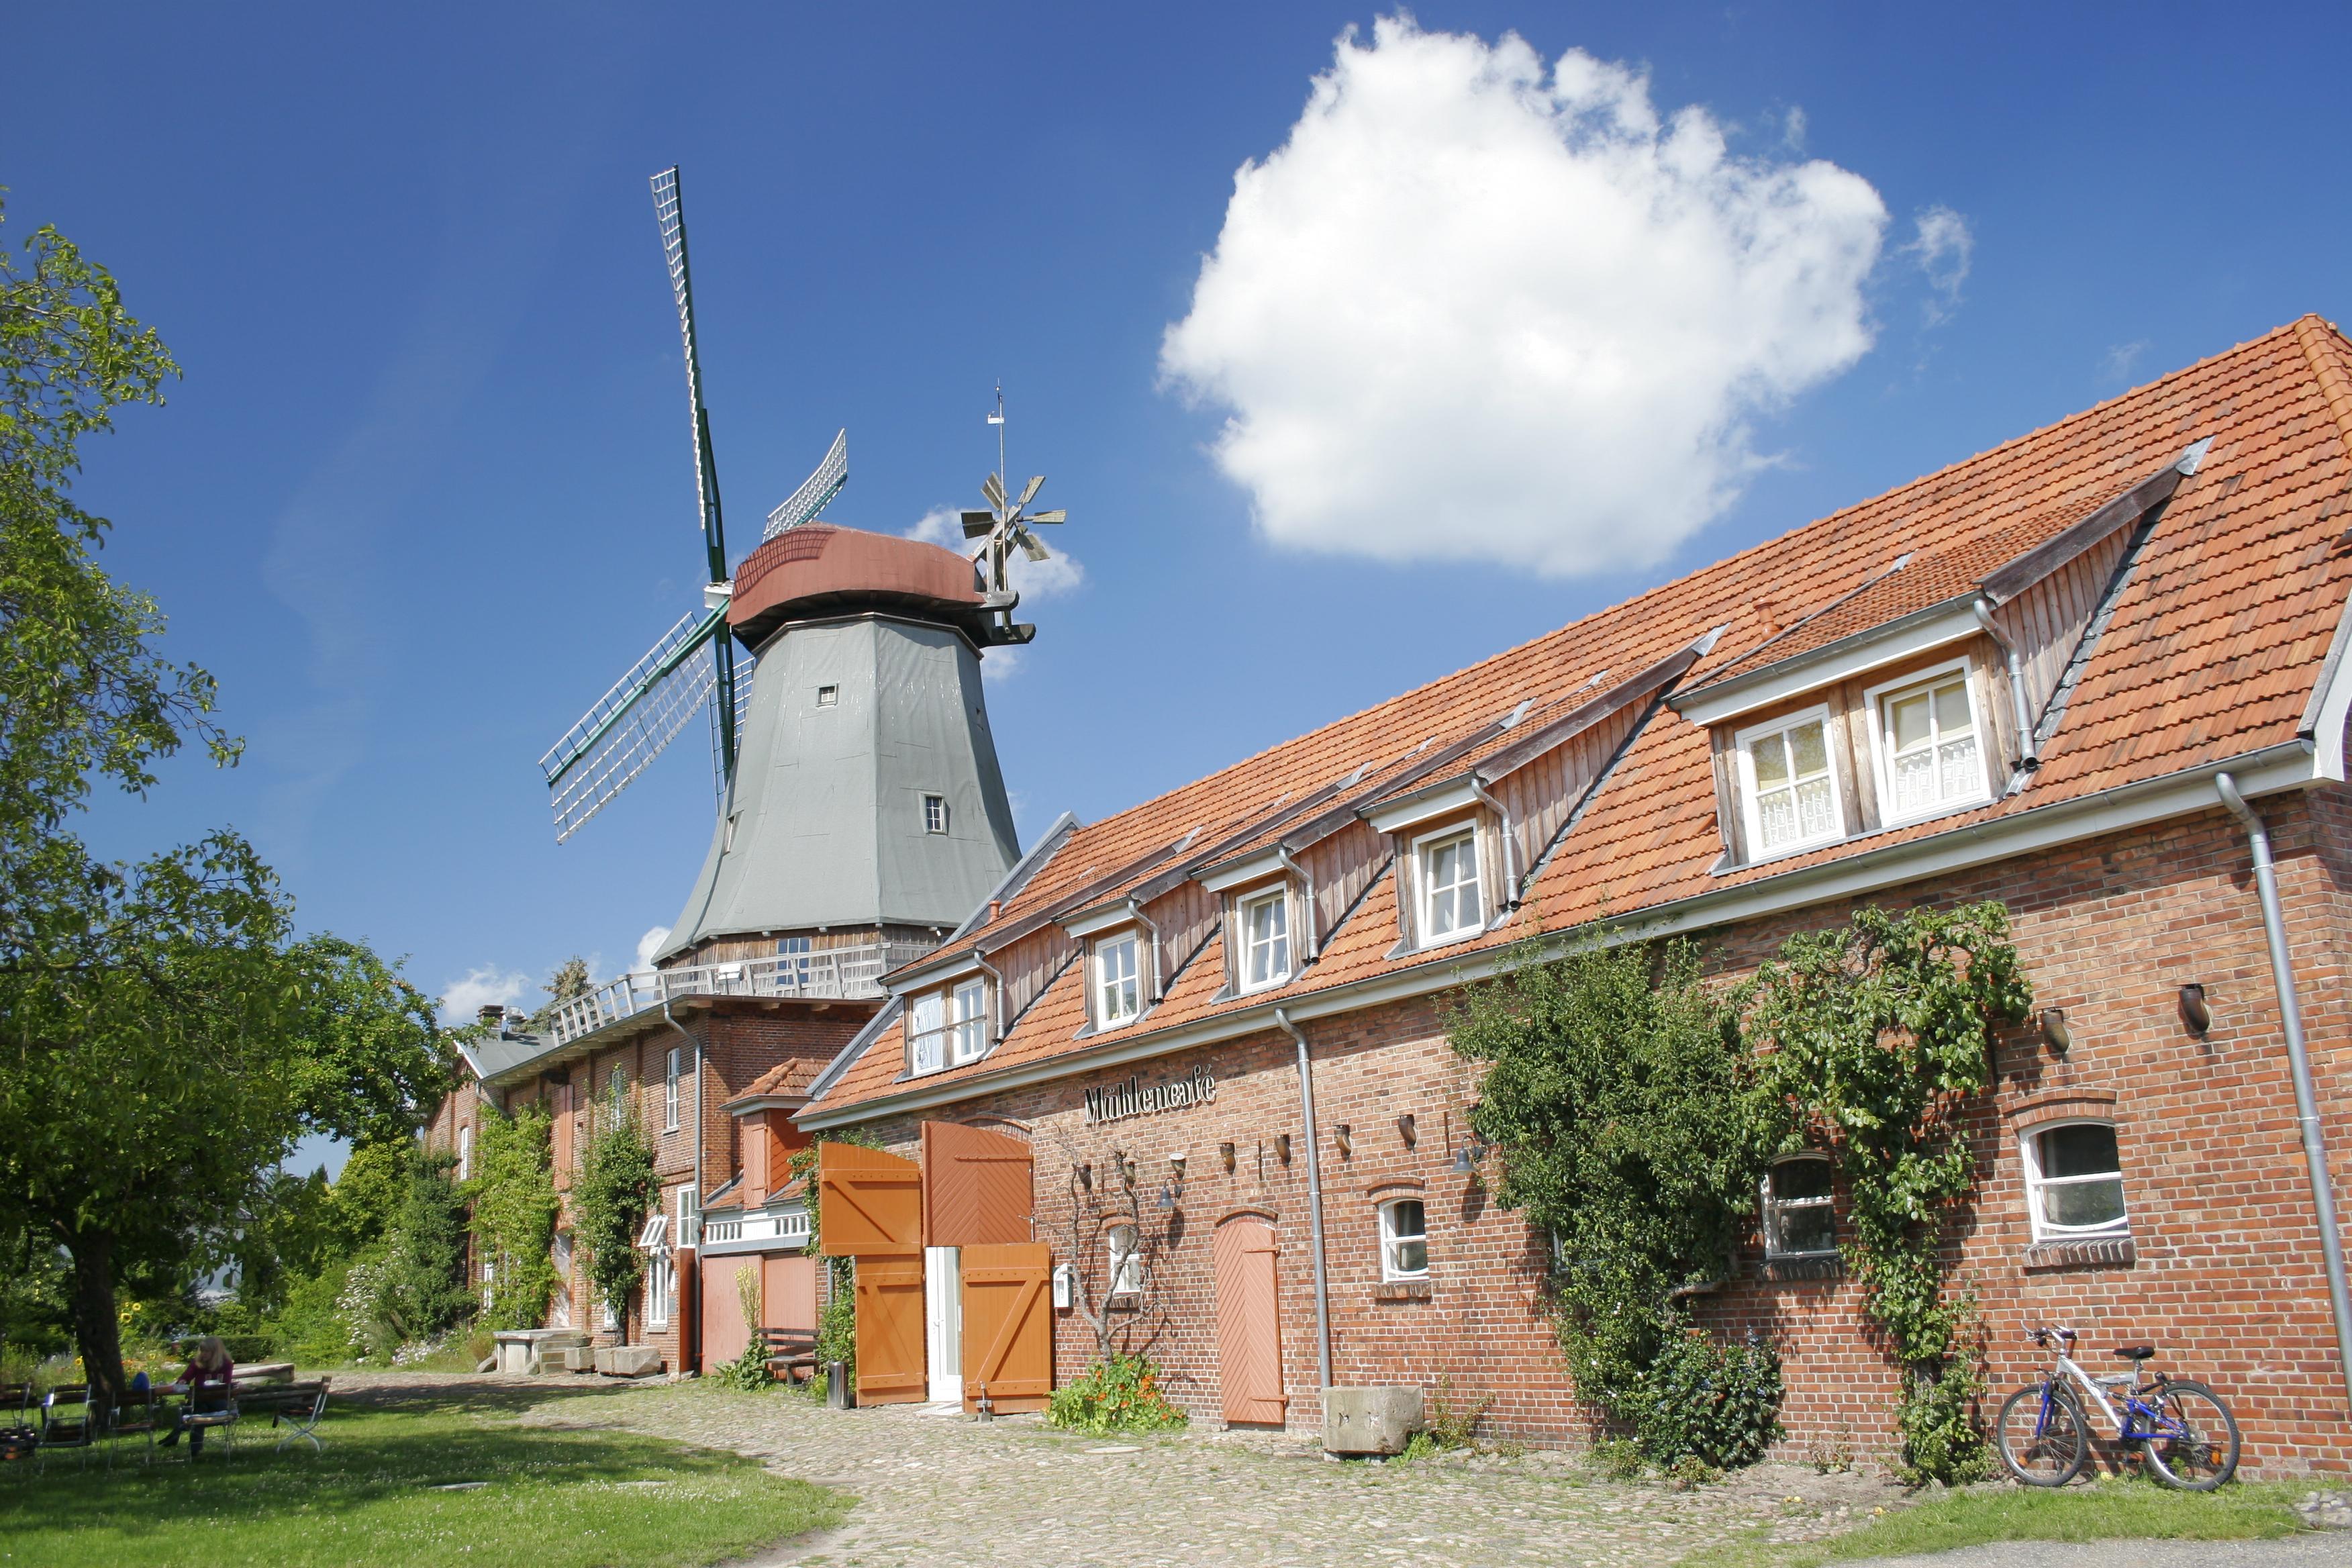 Mühle von Rönn in Osterholz-Scharmbeck